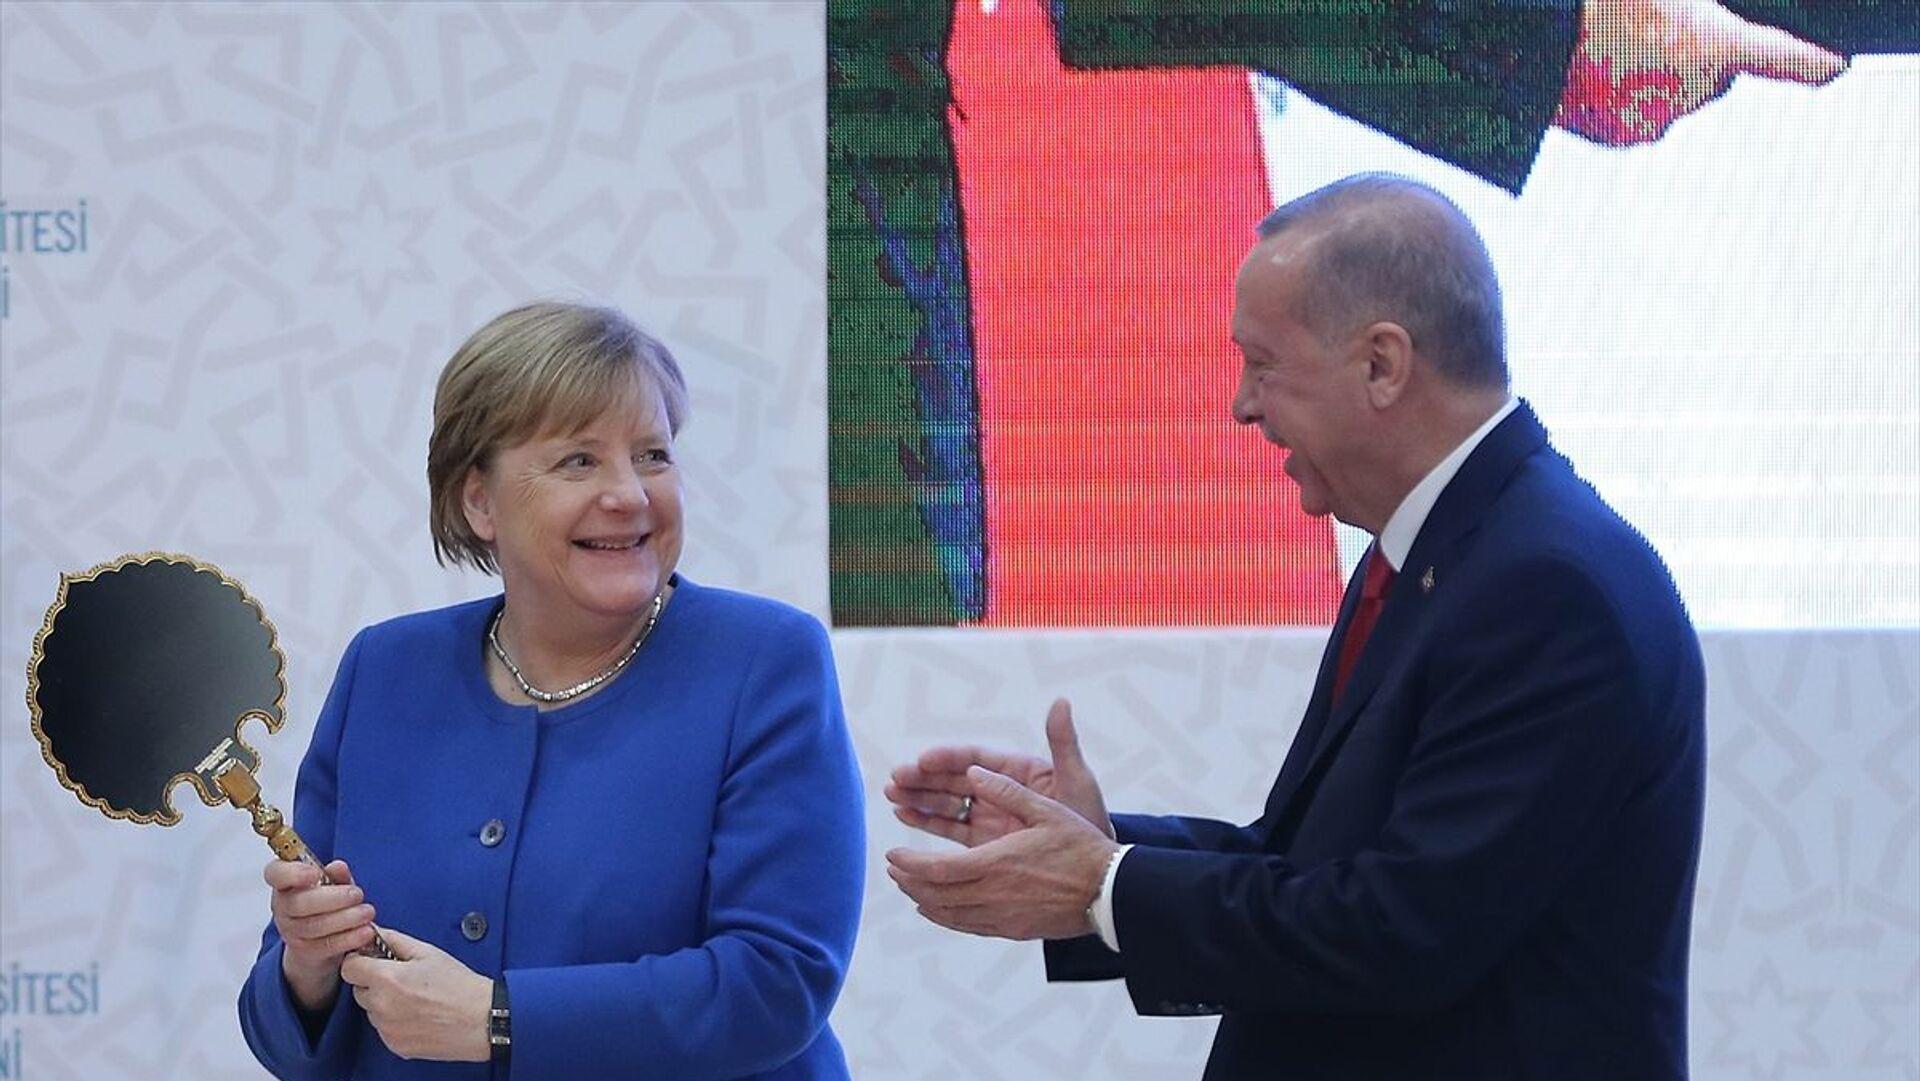 Erdoğan'ın hediyeleri Merkel'i mutlu etti. - Sputnik Türkiye, 1920, 15.09.2021